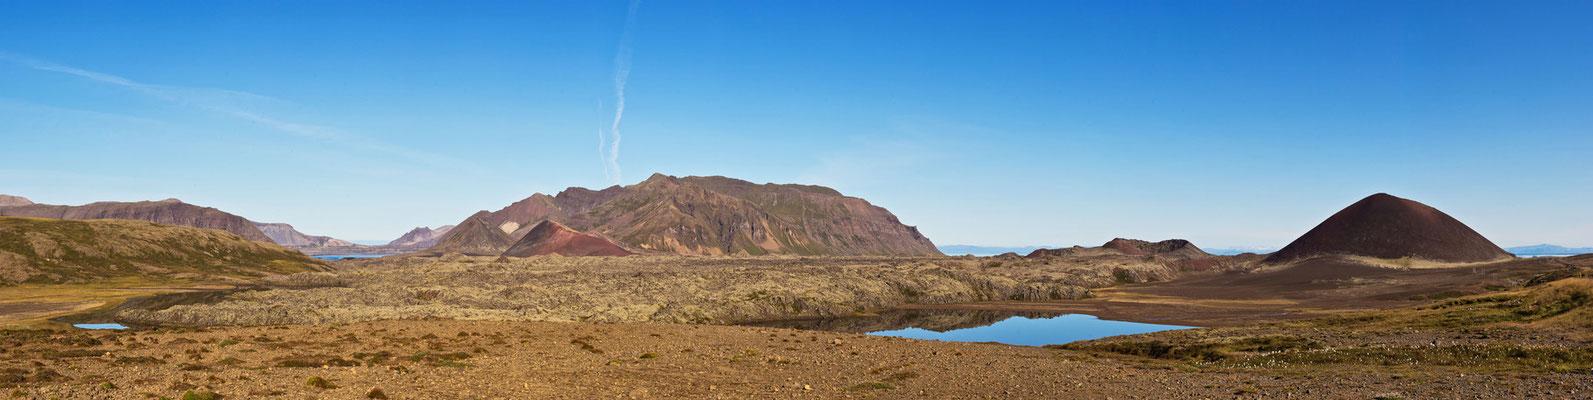 Unendliche Weite - Island